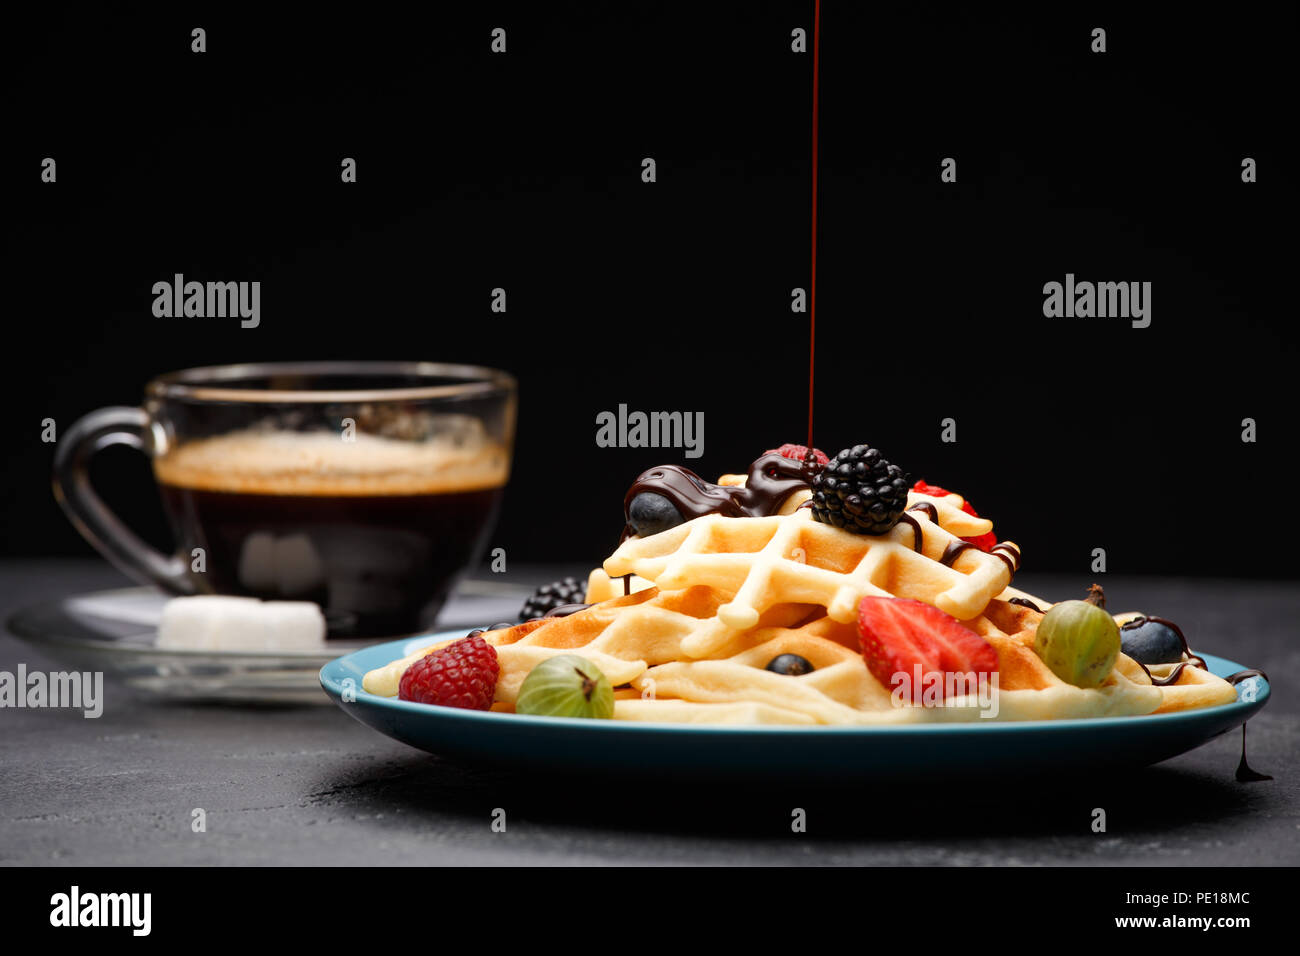 Photo de tasse de café noir avec du sucre avec des gaufres viennois avec fraises, framboises, groseilles et chocolat Photo Stock